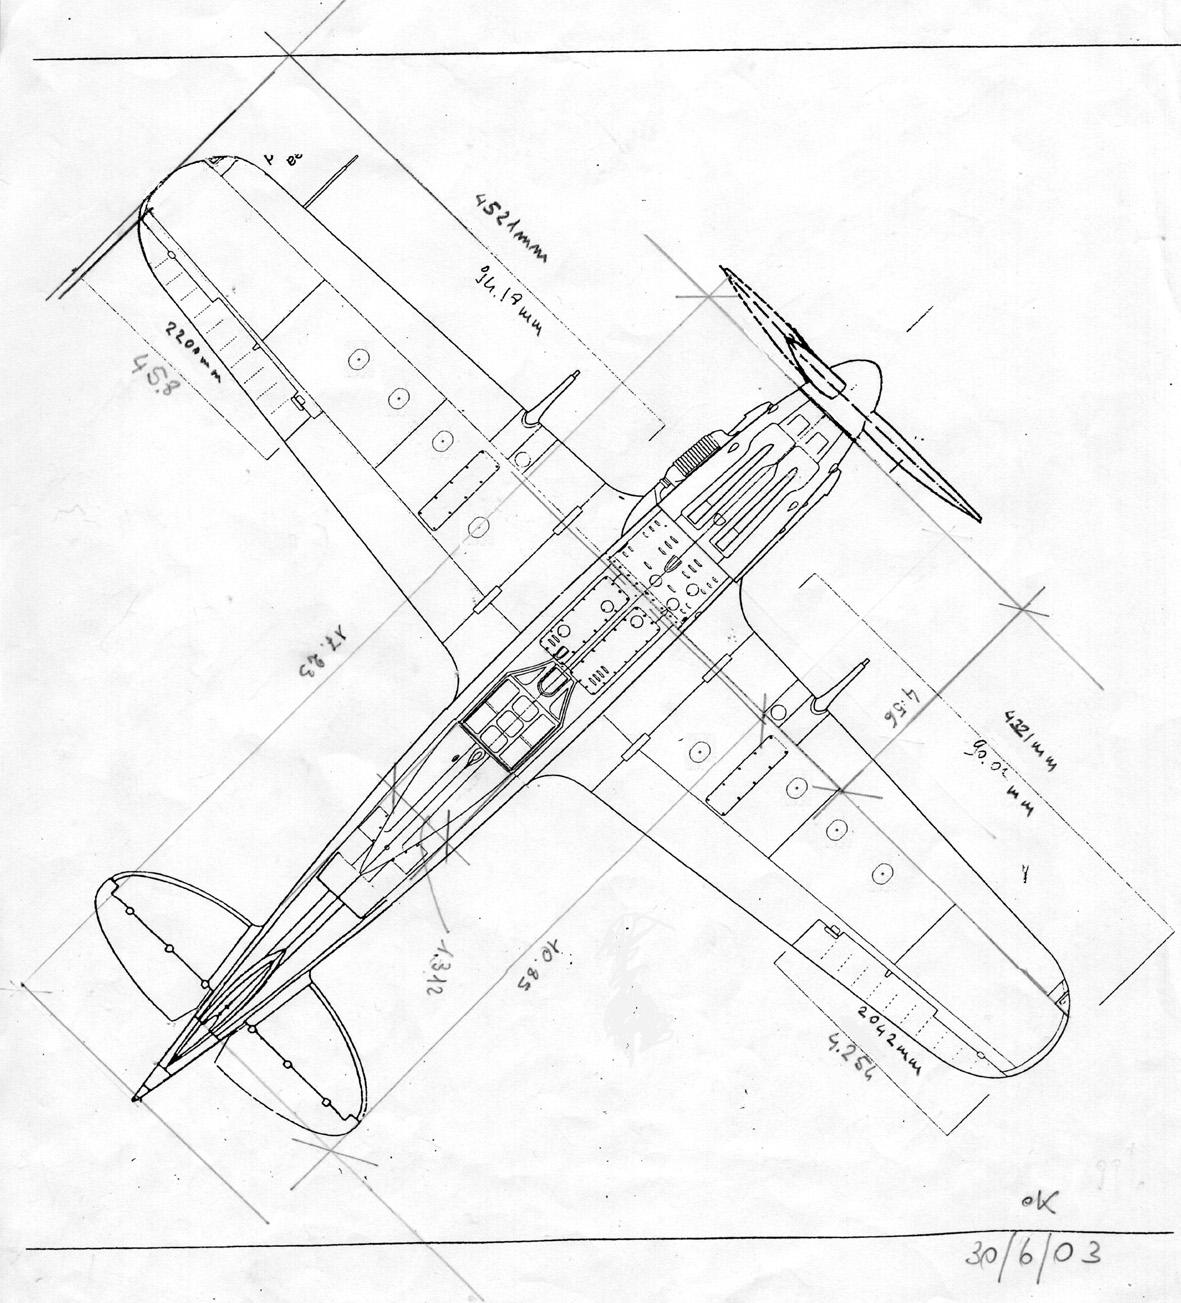 Stormo Tauro 1 48 Macchi C 205 Veltro